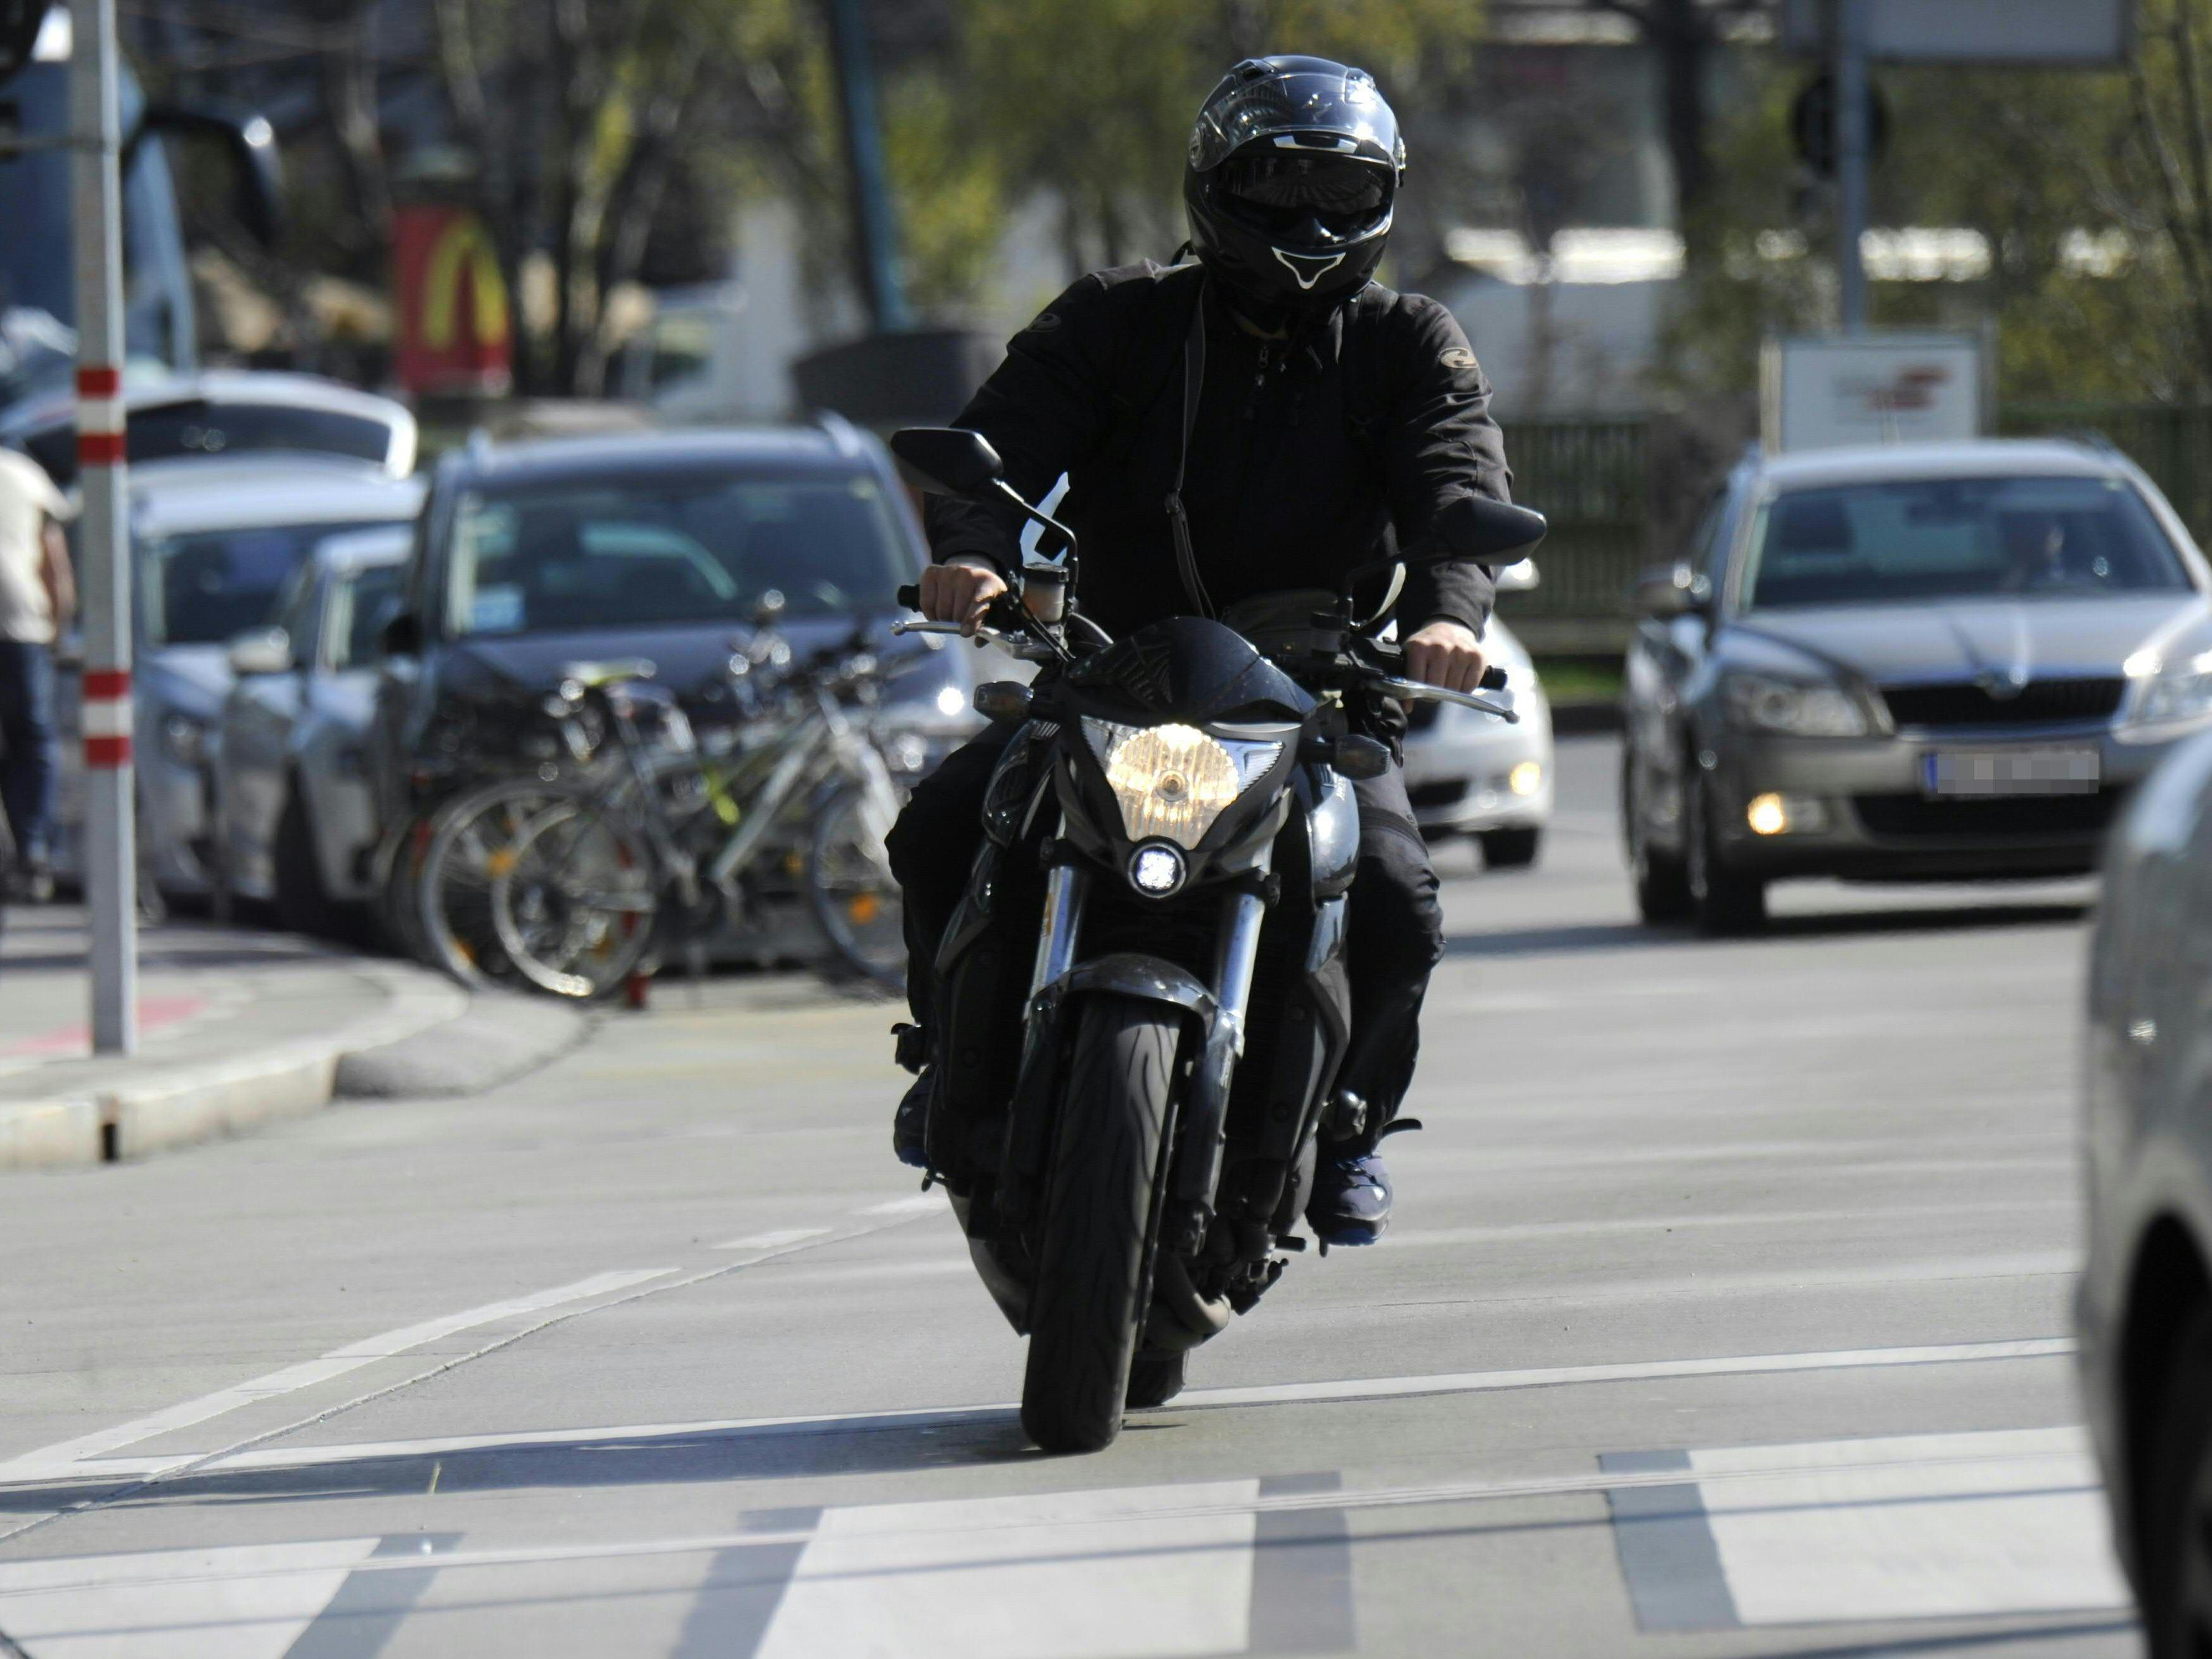 Ein Motorradlenker ist bei einem Zusammenstoß mit einem Pkw in NÖ schwer verletzt worden.